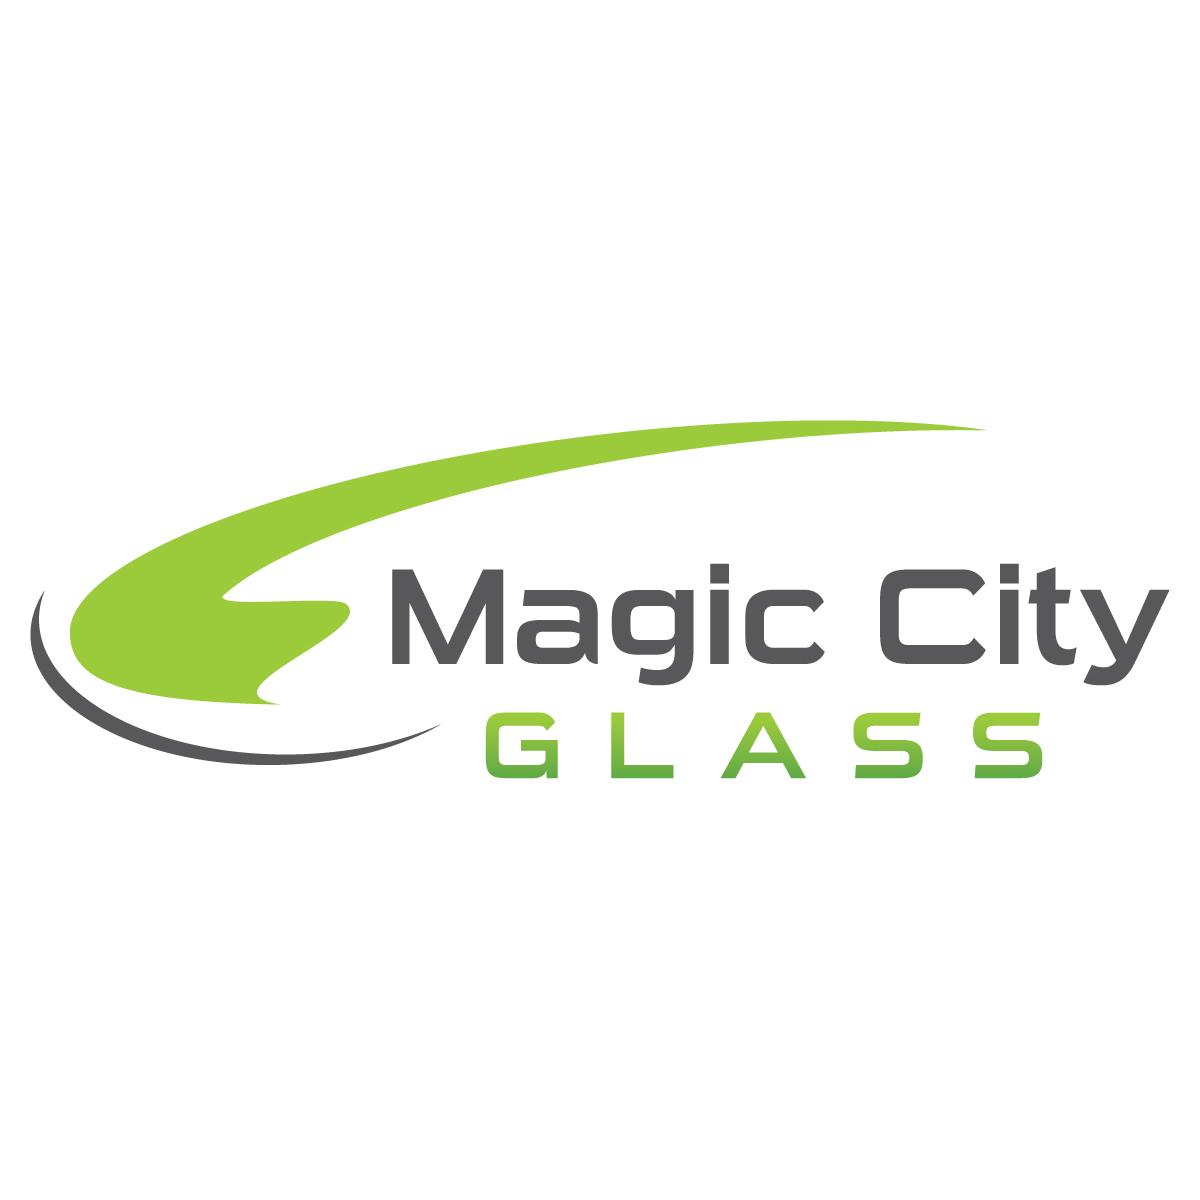 Magic City Glass